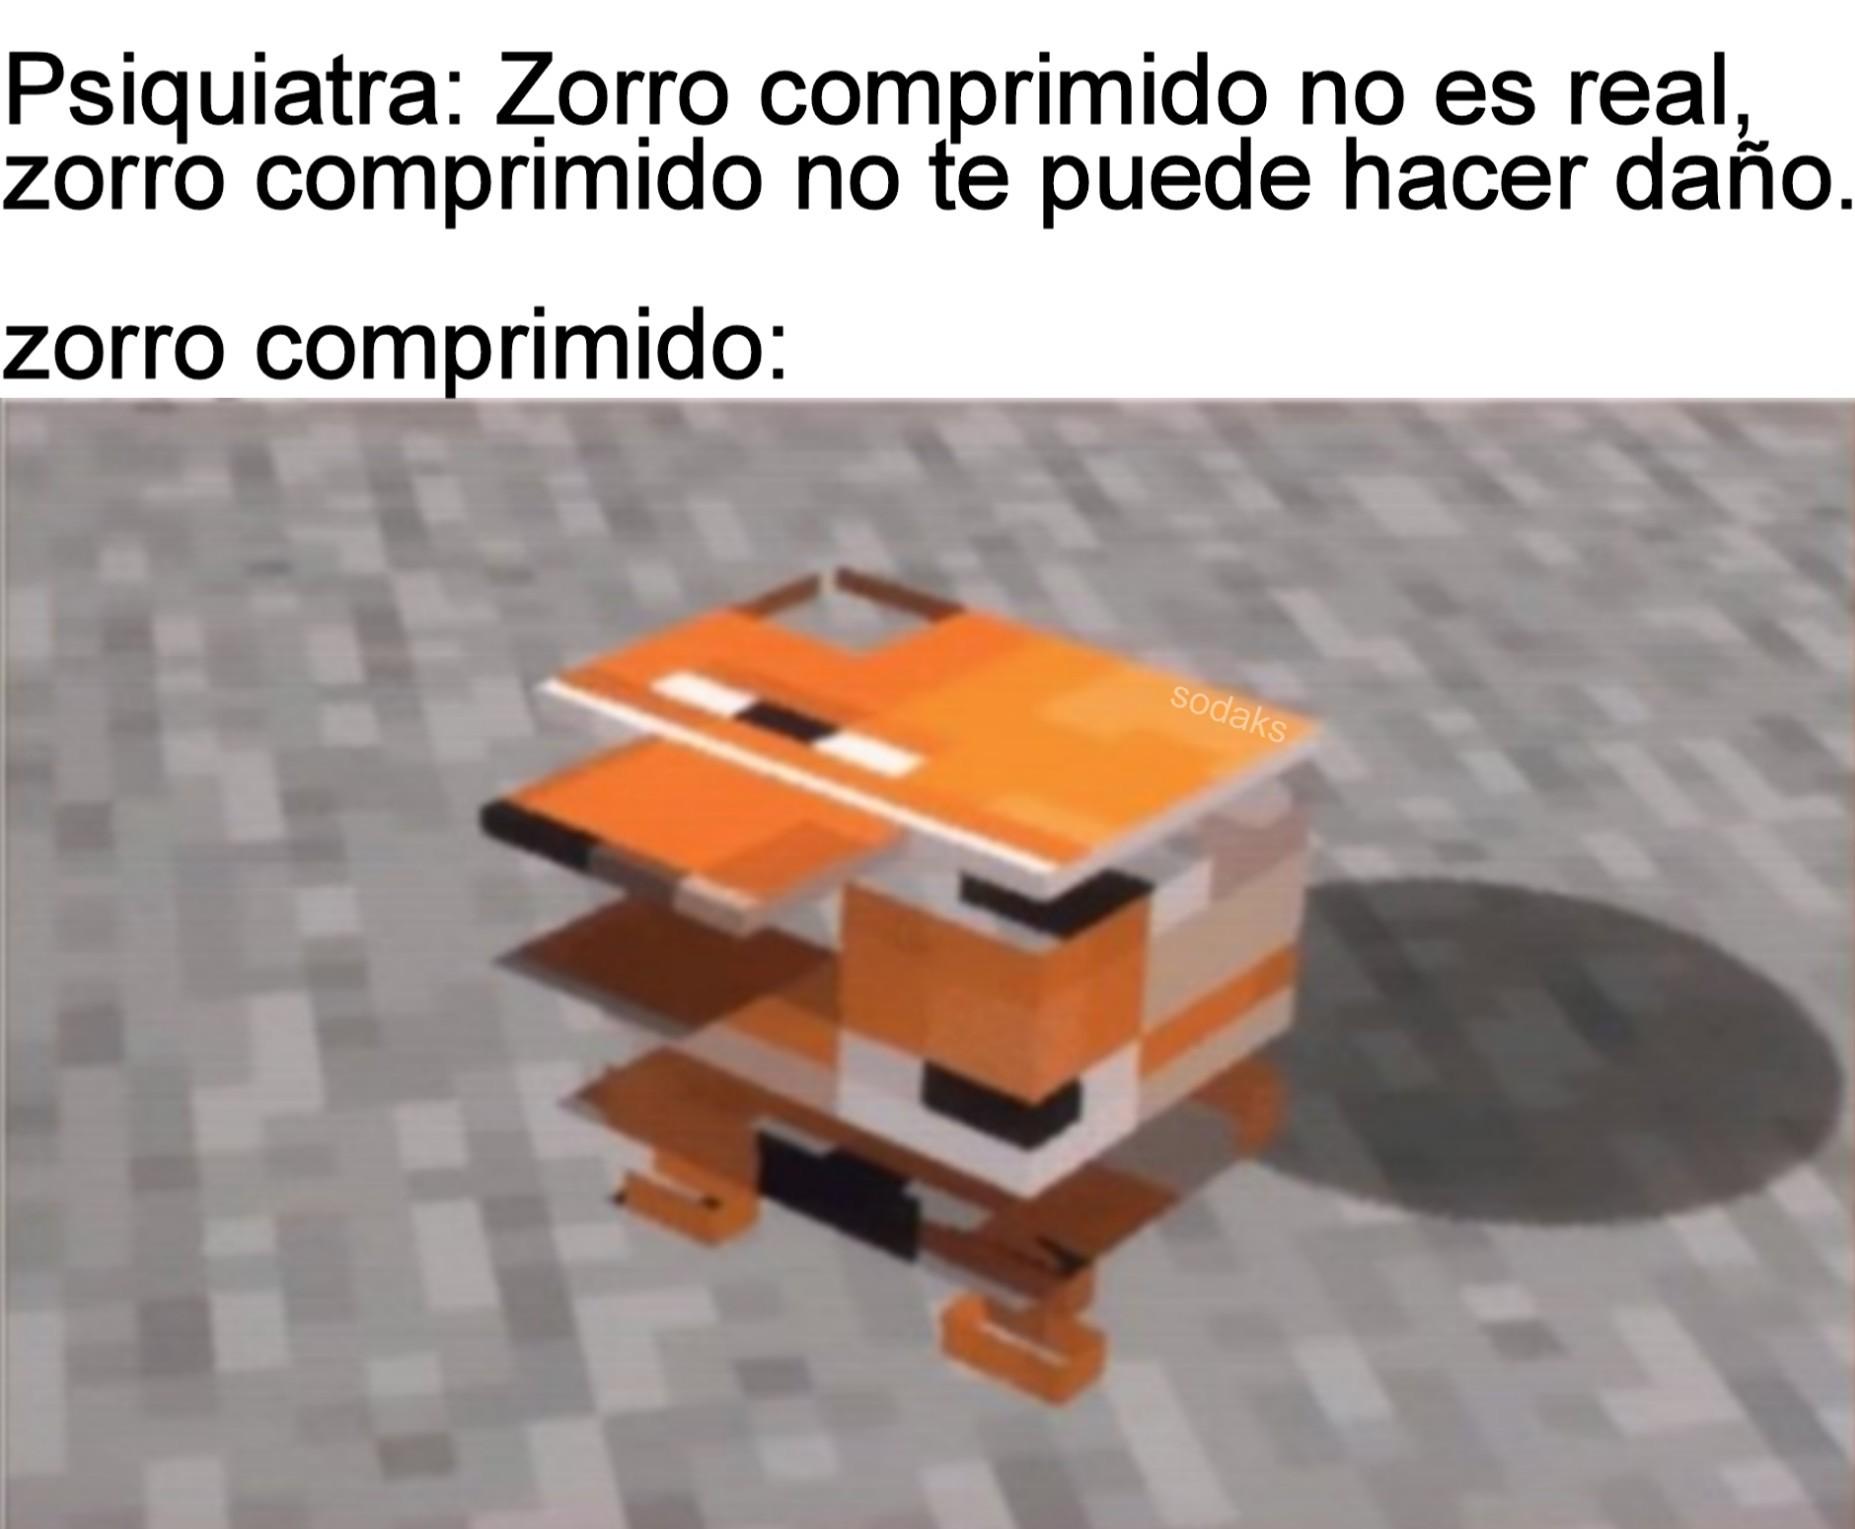 ZORRO MINECRAFT COMPRIMIDO - meme